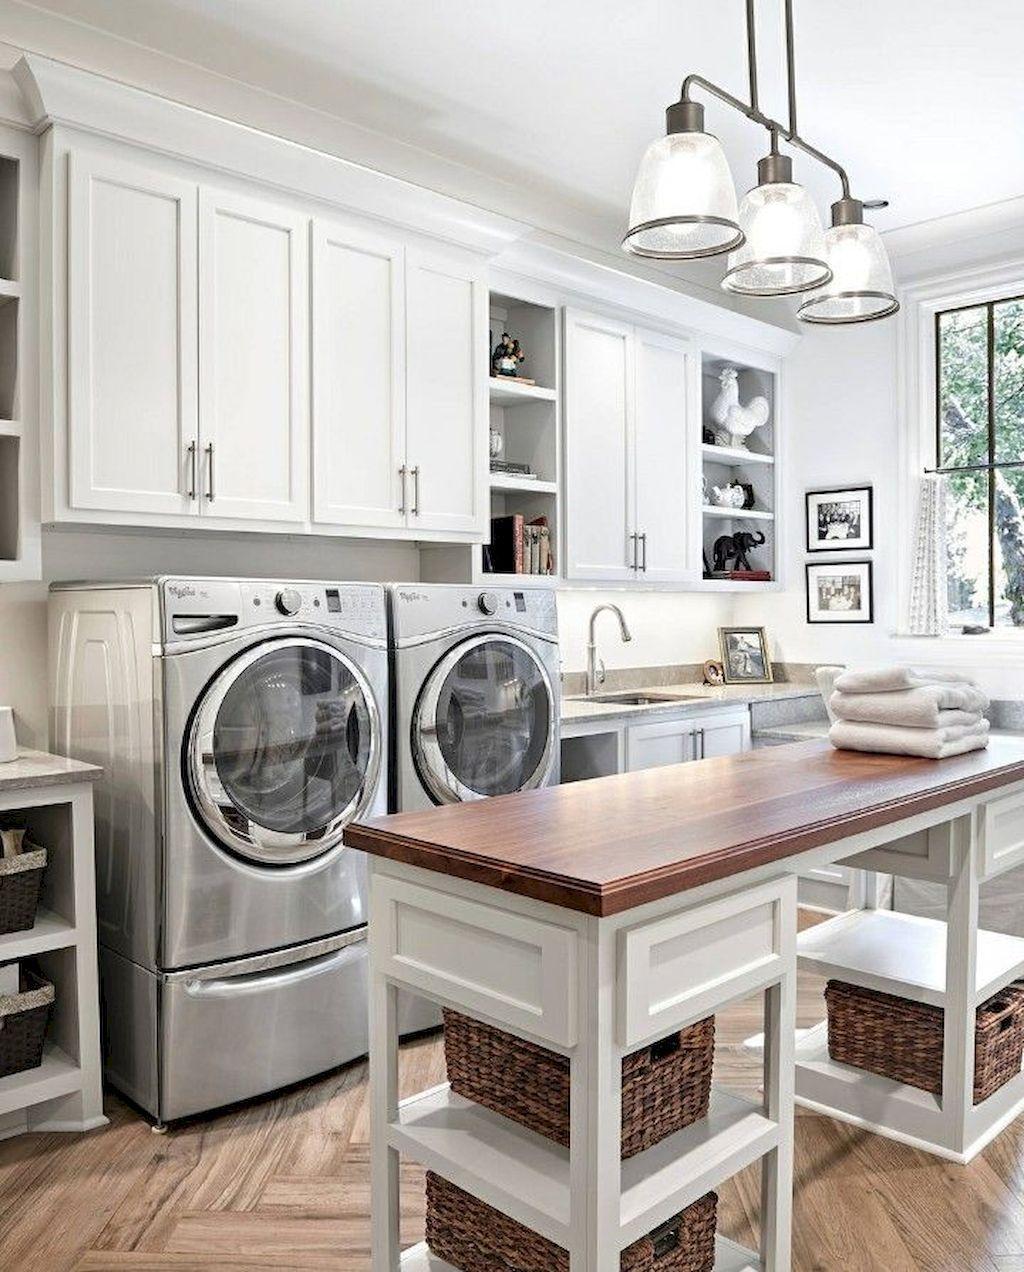 04 Best Modern Farmhouse Laundry Room Decor Ideas